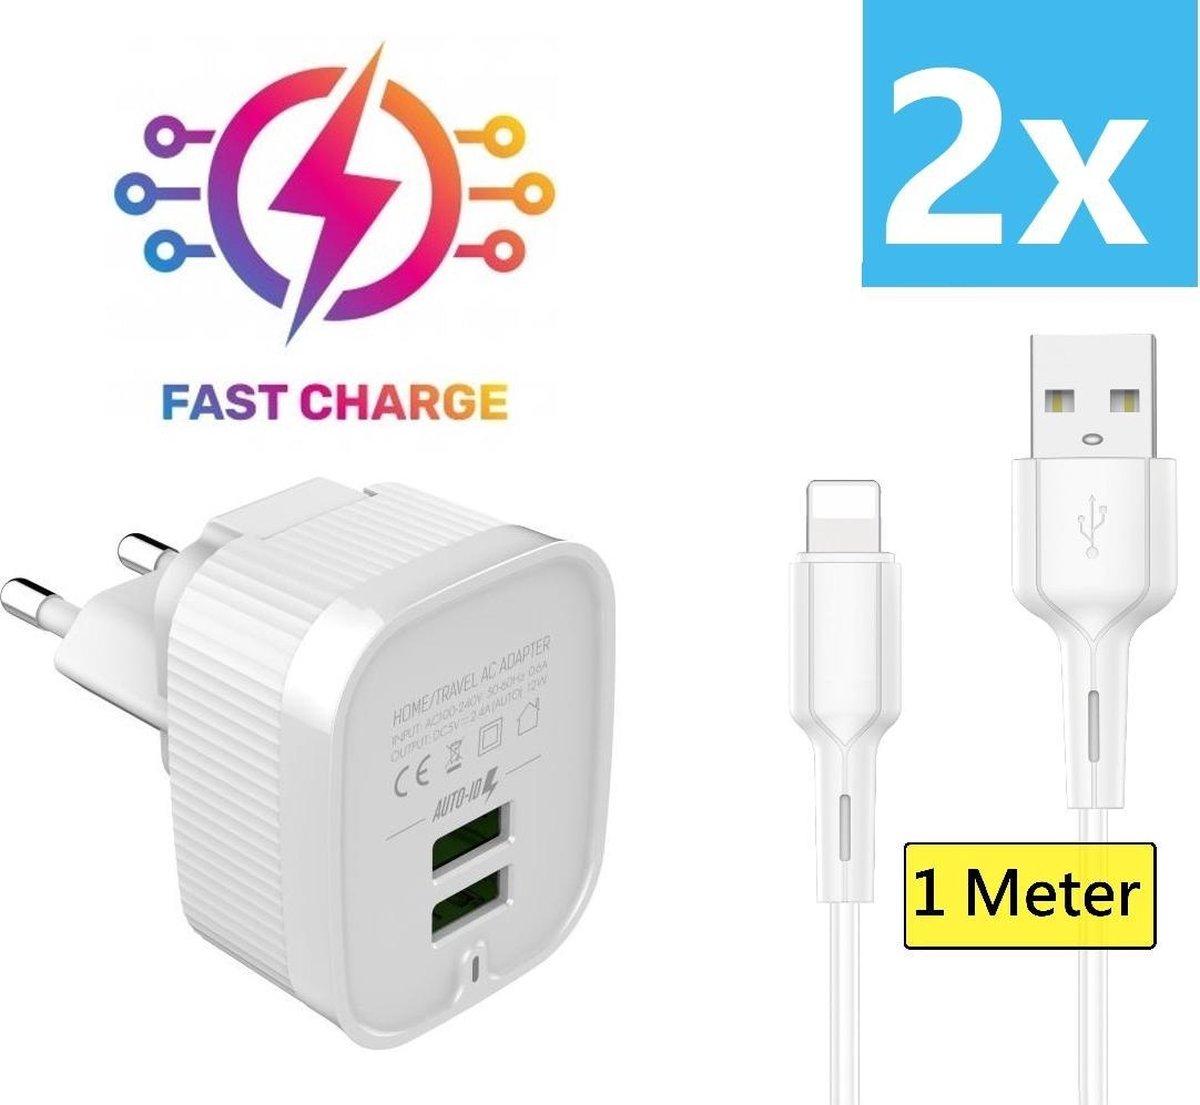 iPhone oplader kabel geschikt voor Apple iPhone 6,7,8,X,XS,XR,11,12,Mini,Pro Max- iPhone kabel - iPhone oplaadkabel - iPhone snoertje